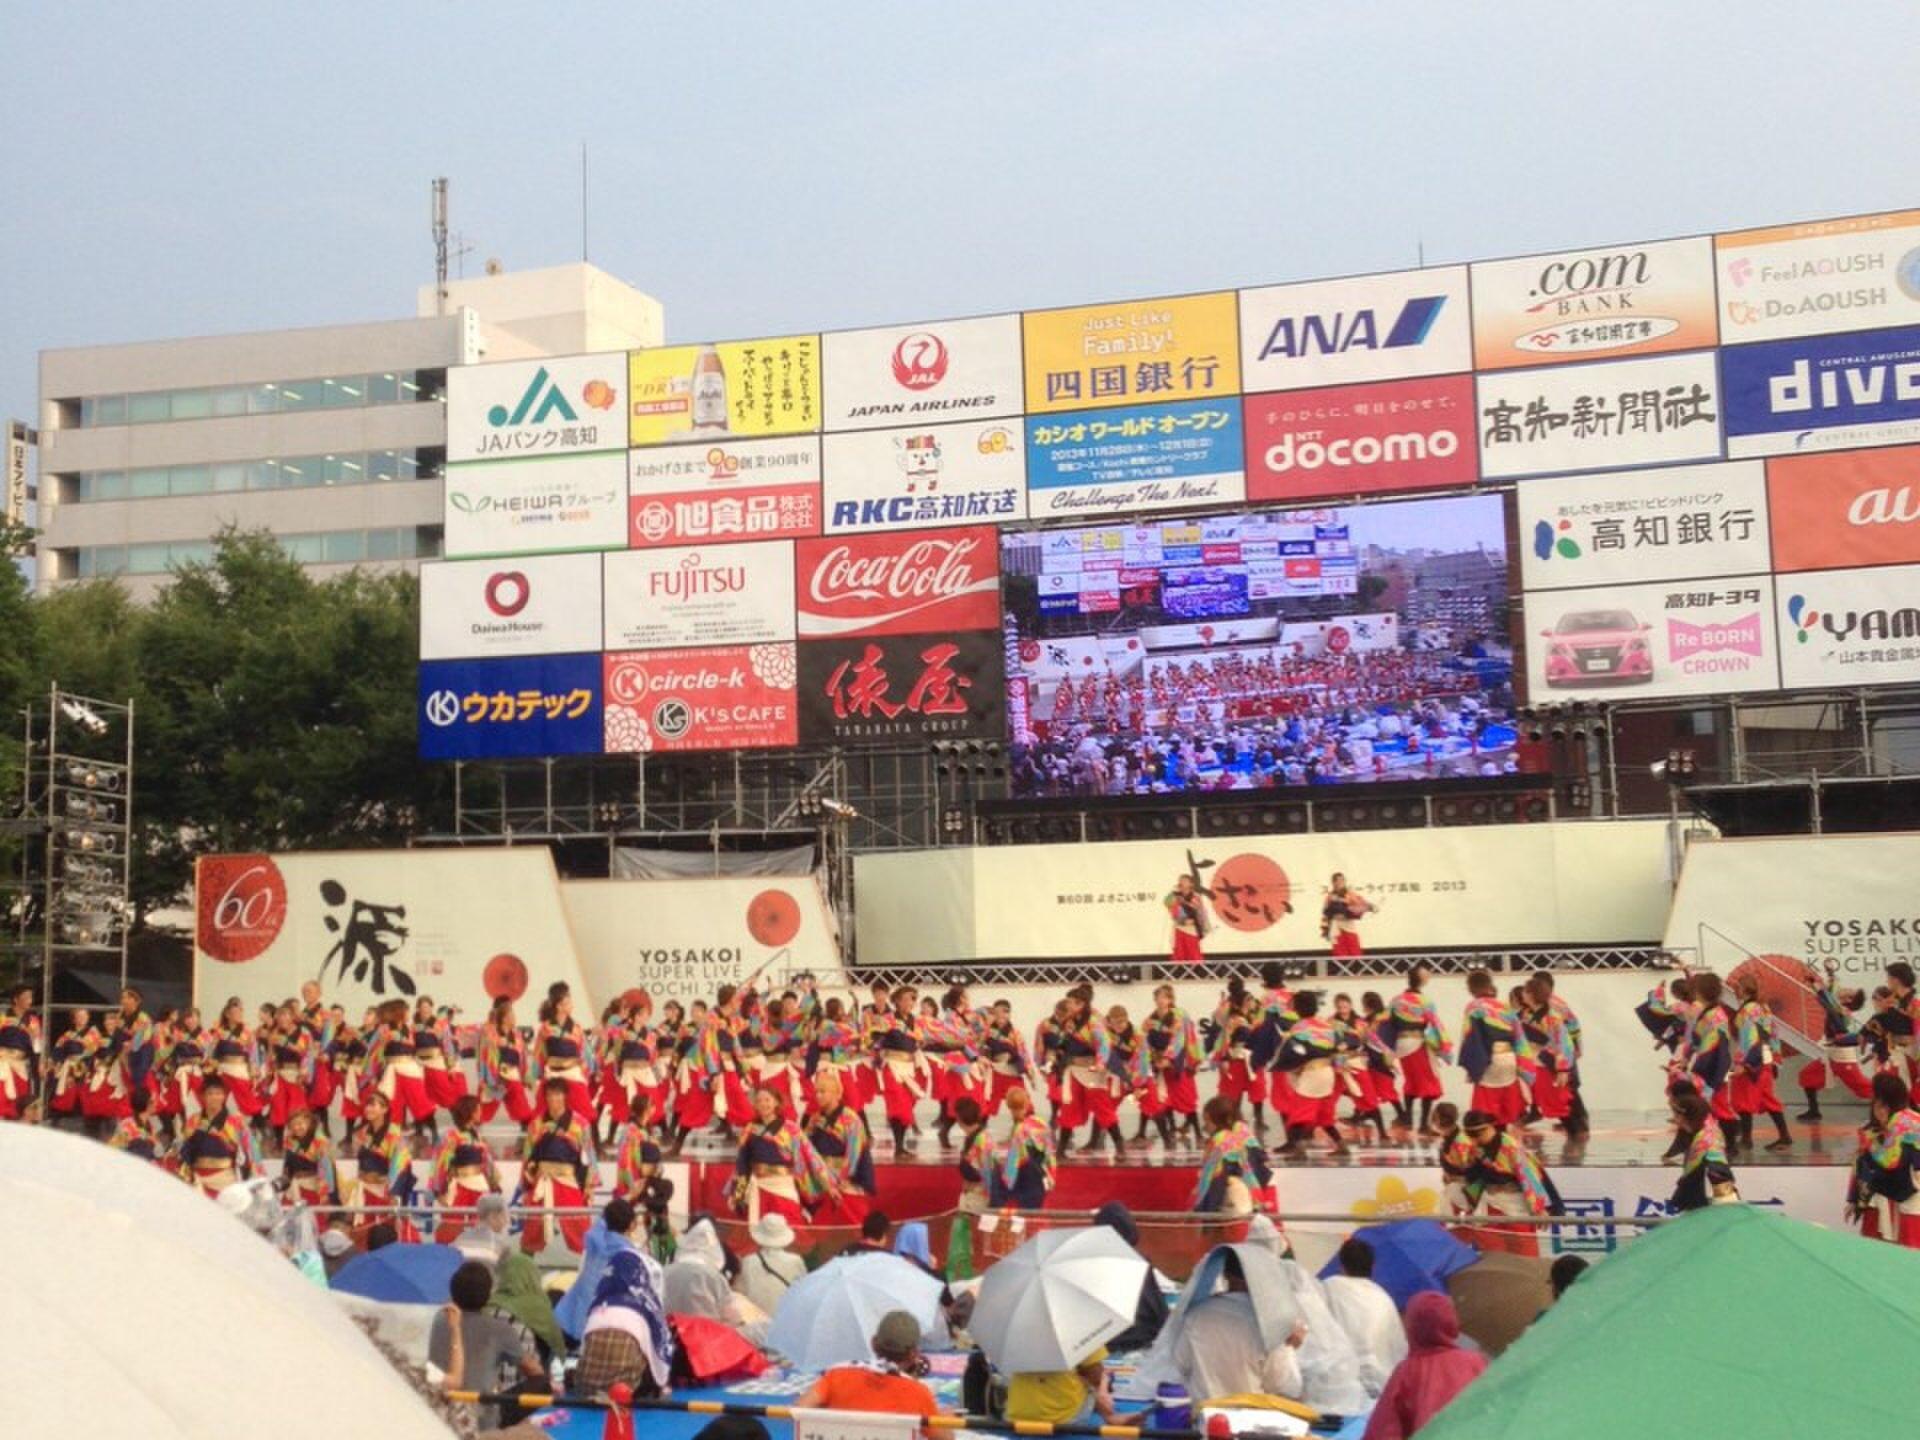 夏は四国・高知のよさこい祭り!全国各地のグループのユニークな衣装や踊りは夏の観光にオススメ☆